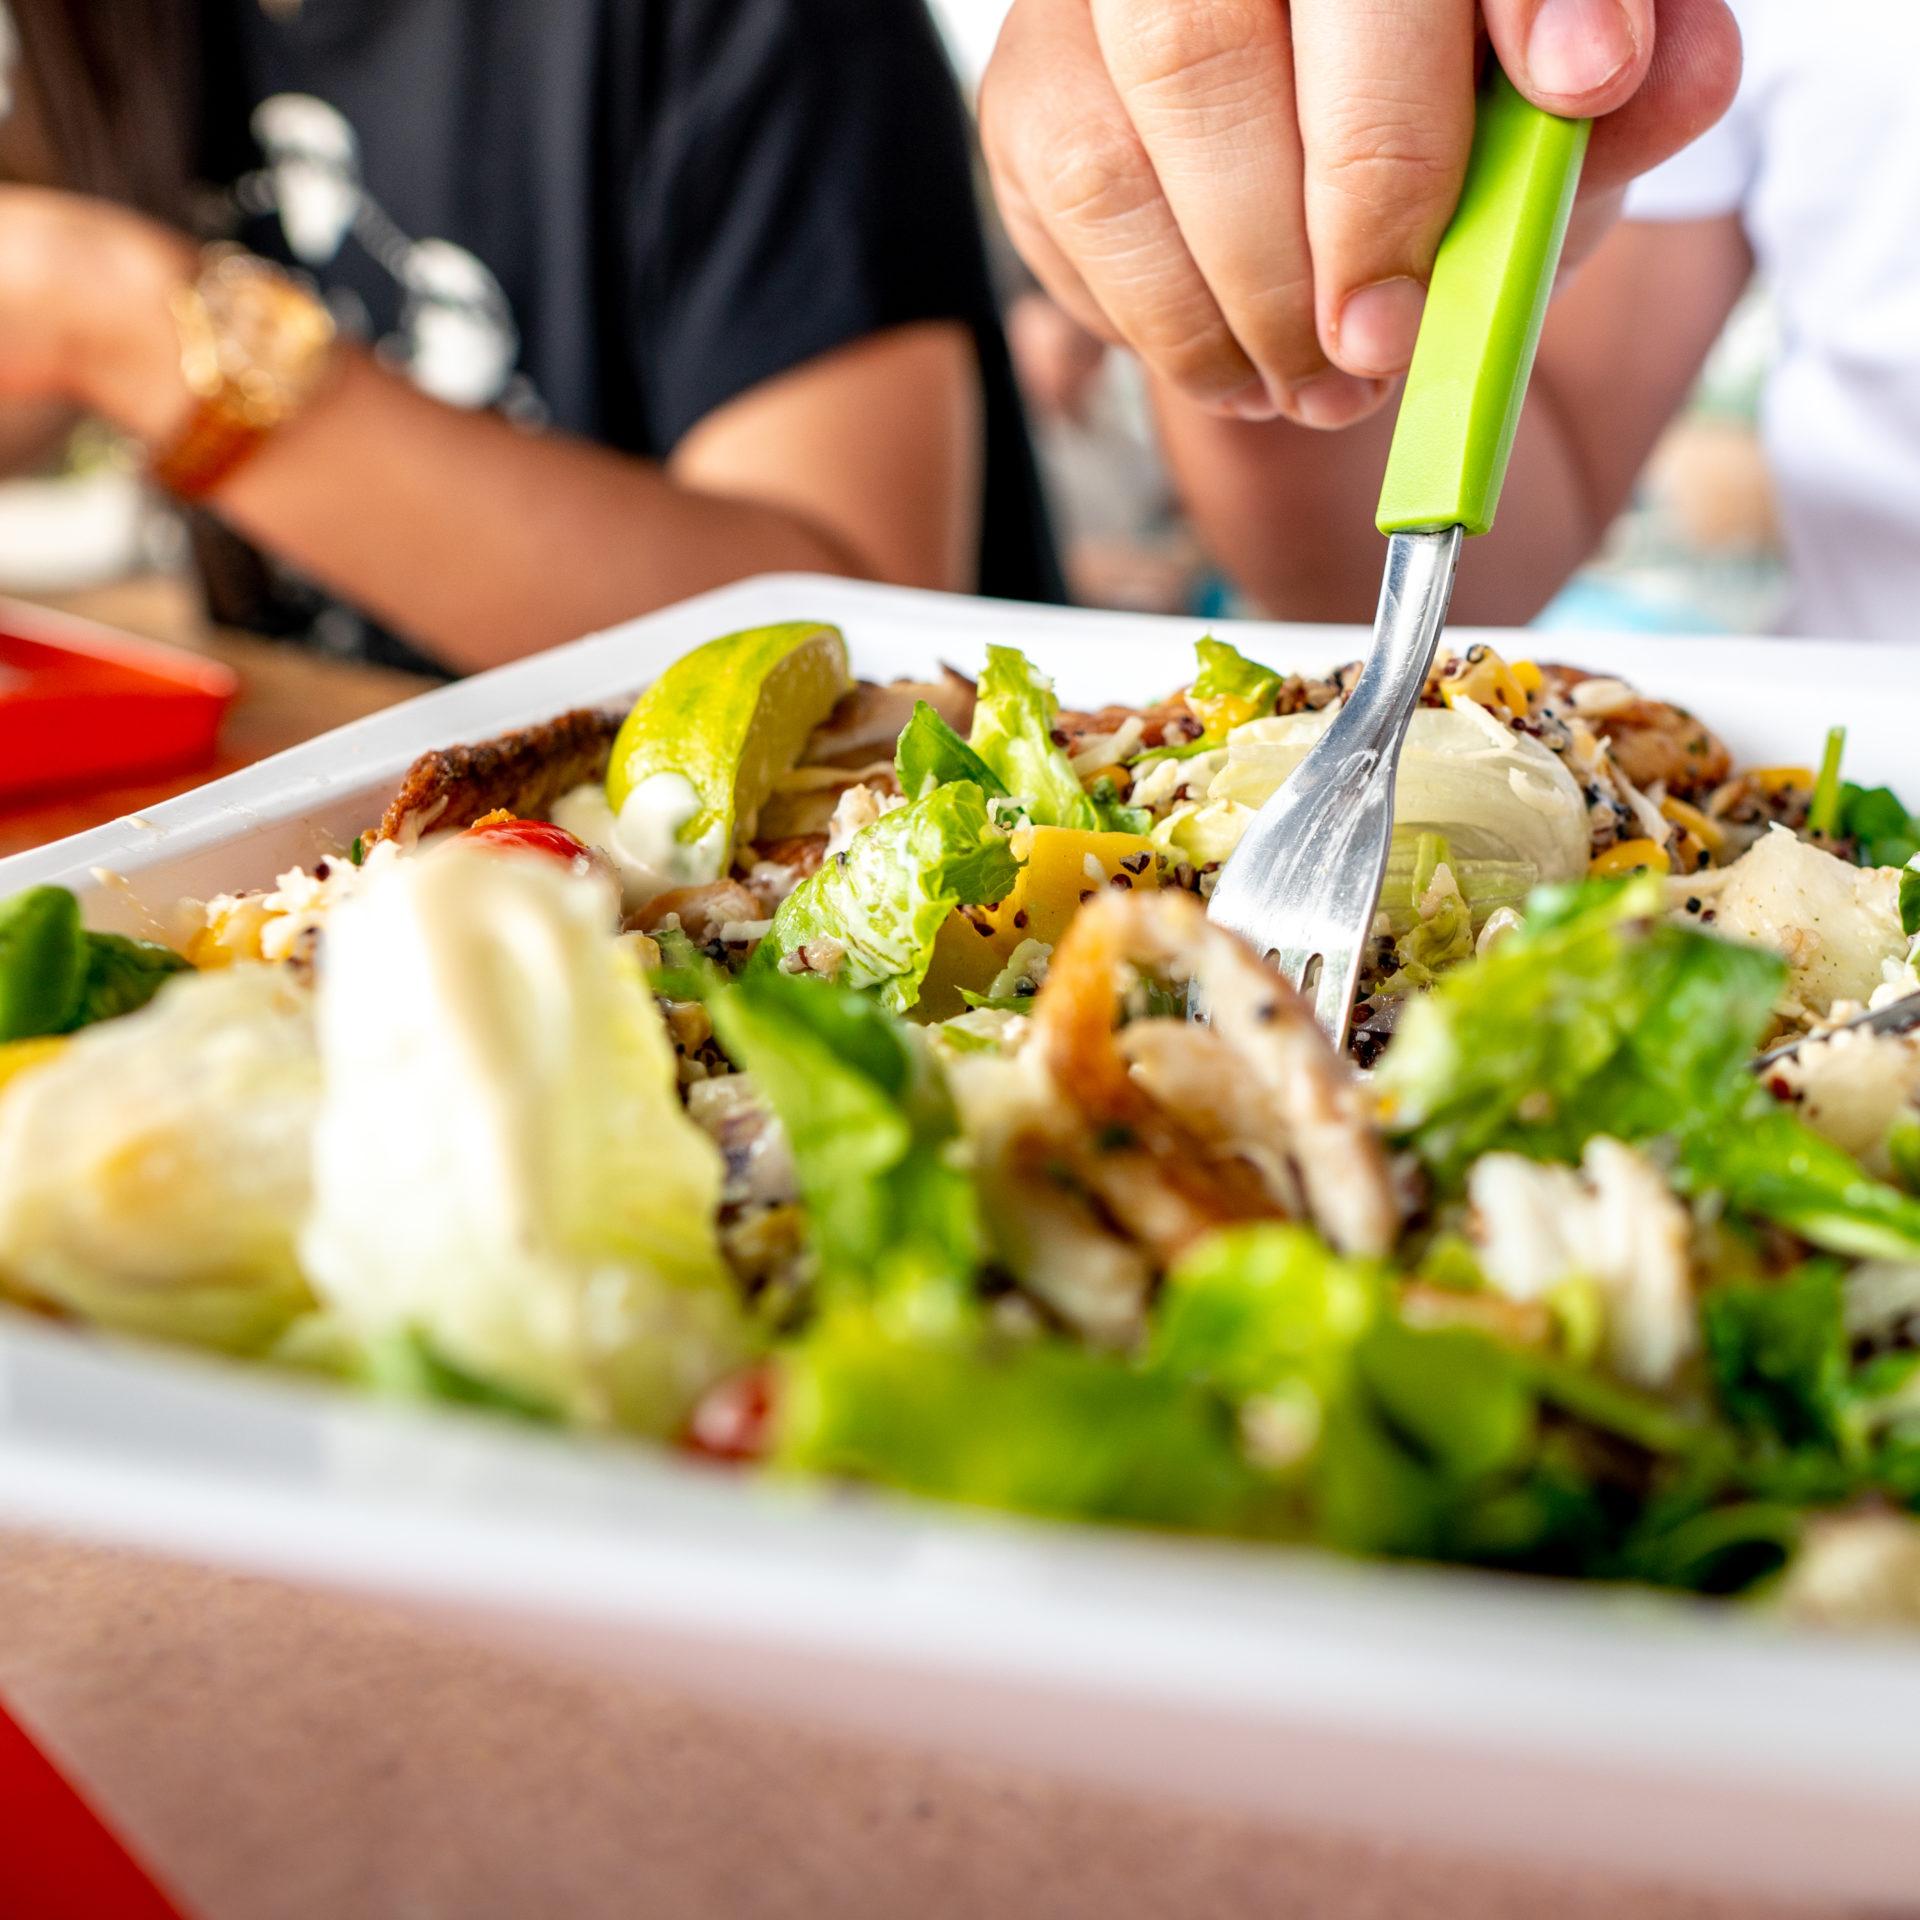 Pessoa-utilizando-garfo-verde-para-pegar-uma-salada-em-um-bowl-branco